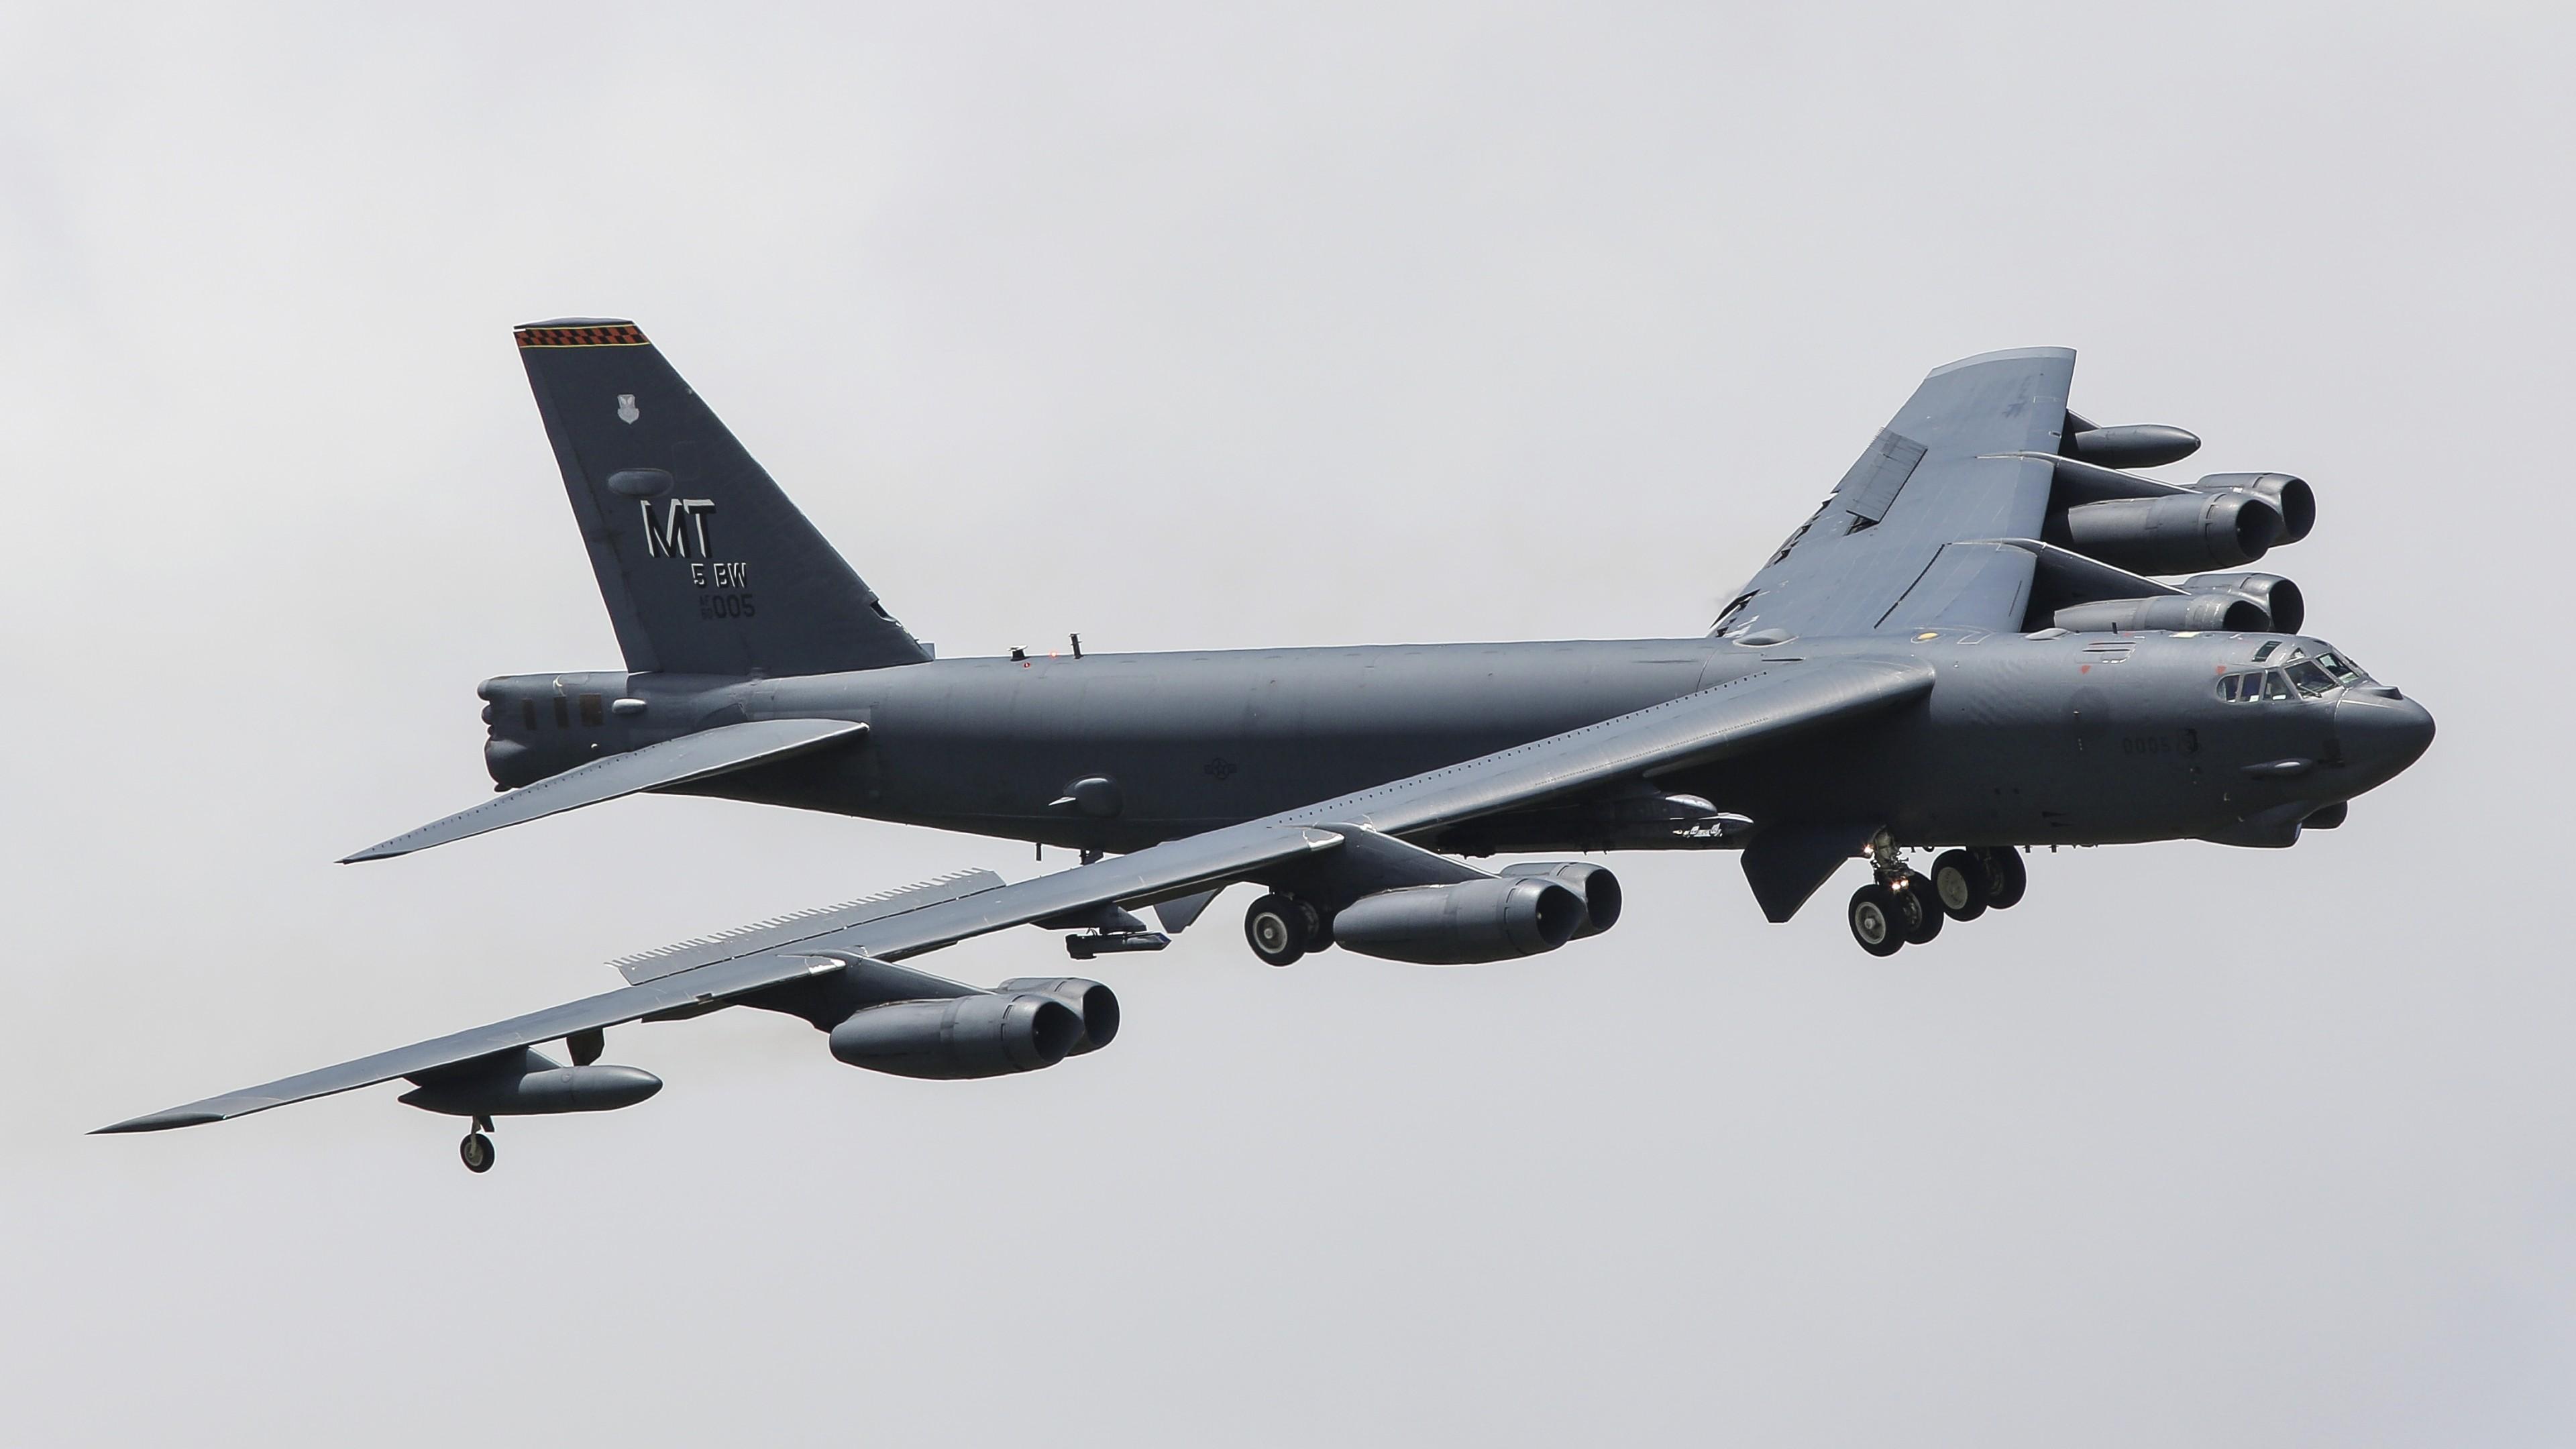 Боевой,стратегический самолет-бомбардировщик